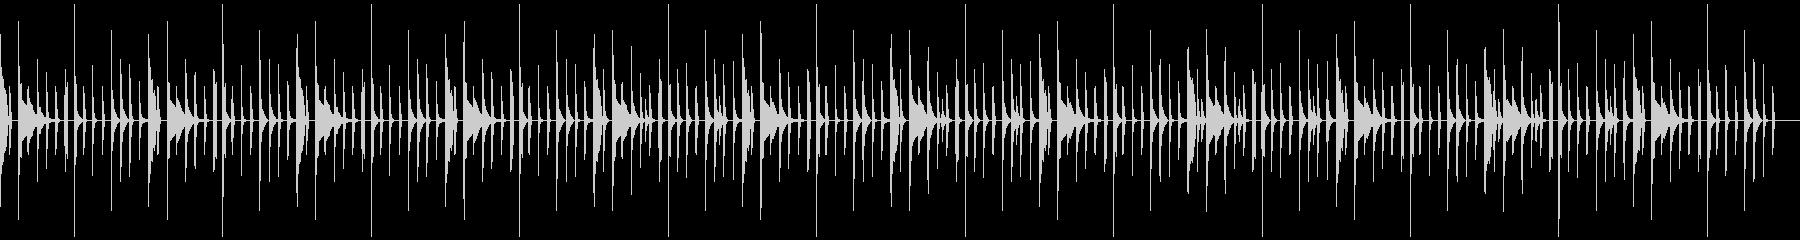 シンキングタイムに流れるBGM2の未再生の波形